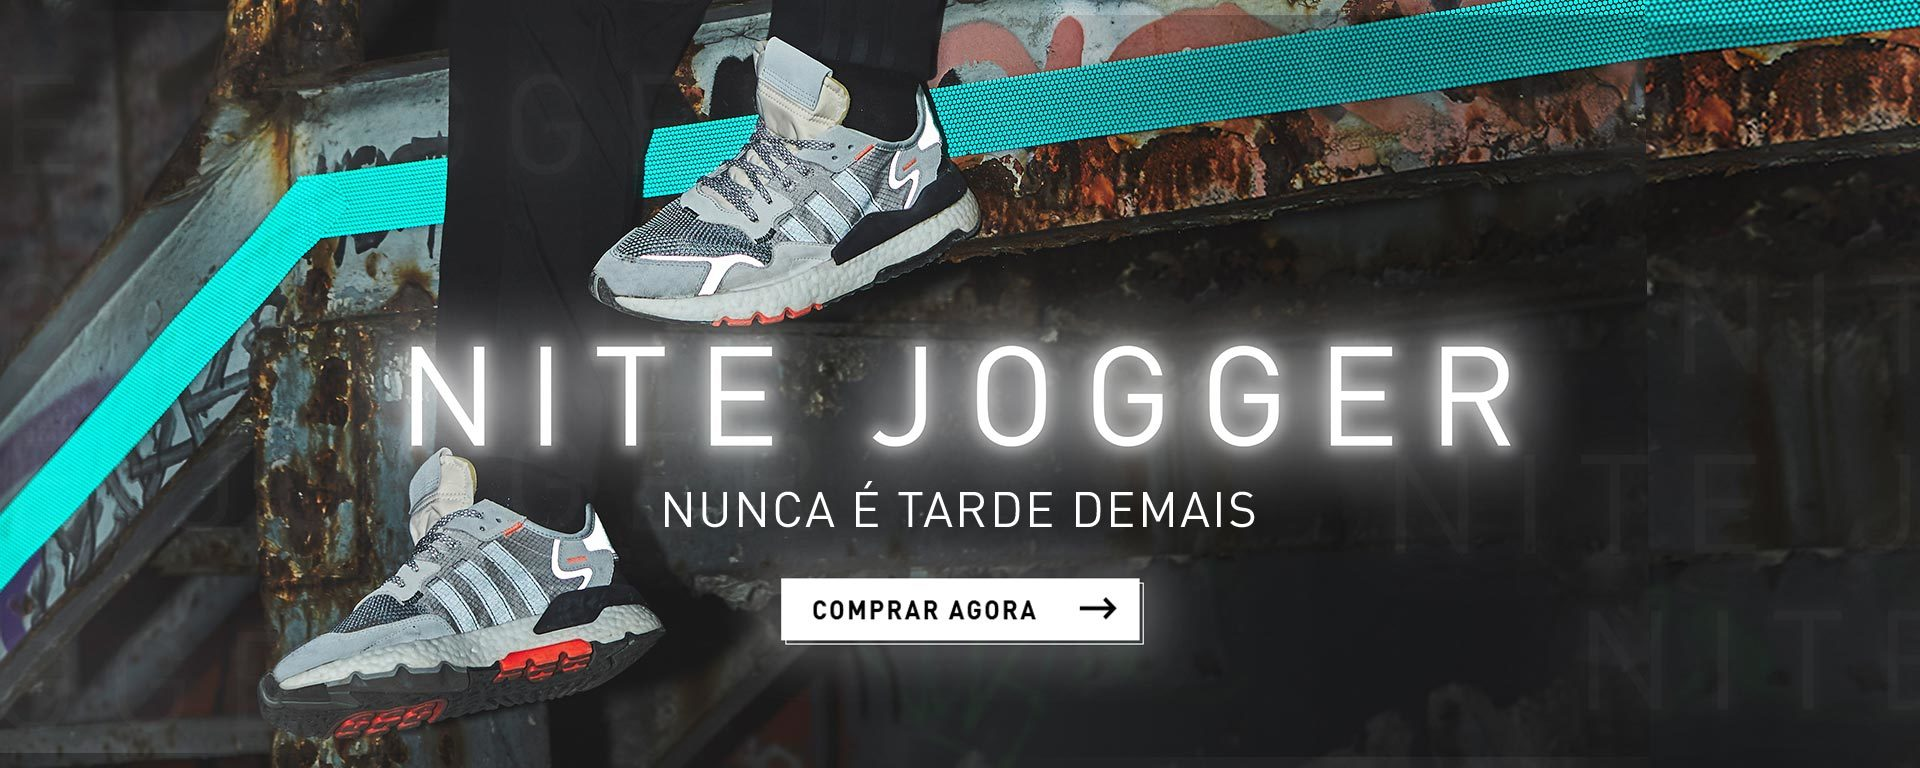 7522578c18c Nite Jogger. Upath. adidas N 5923